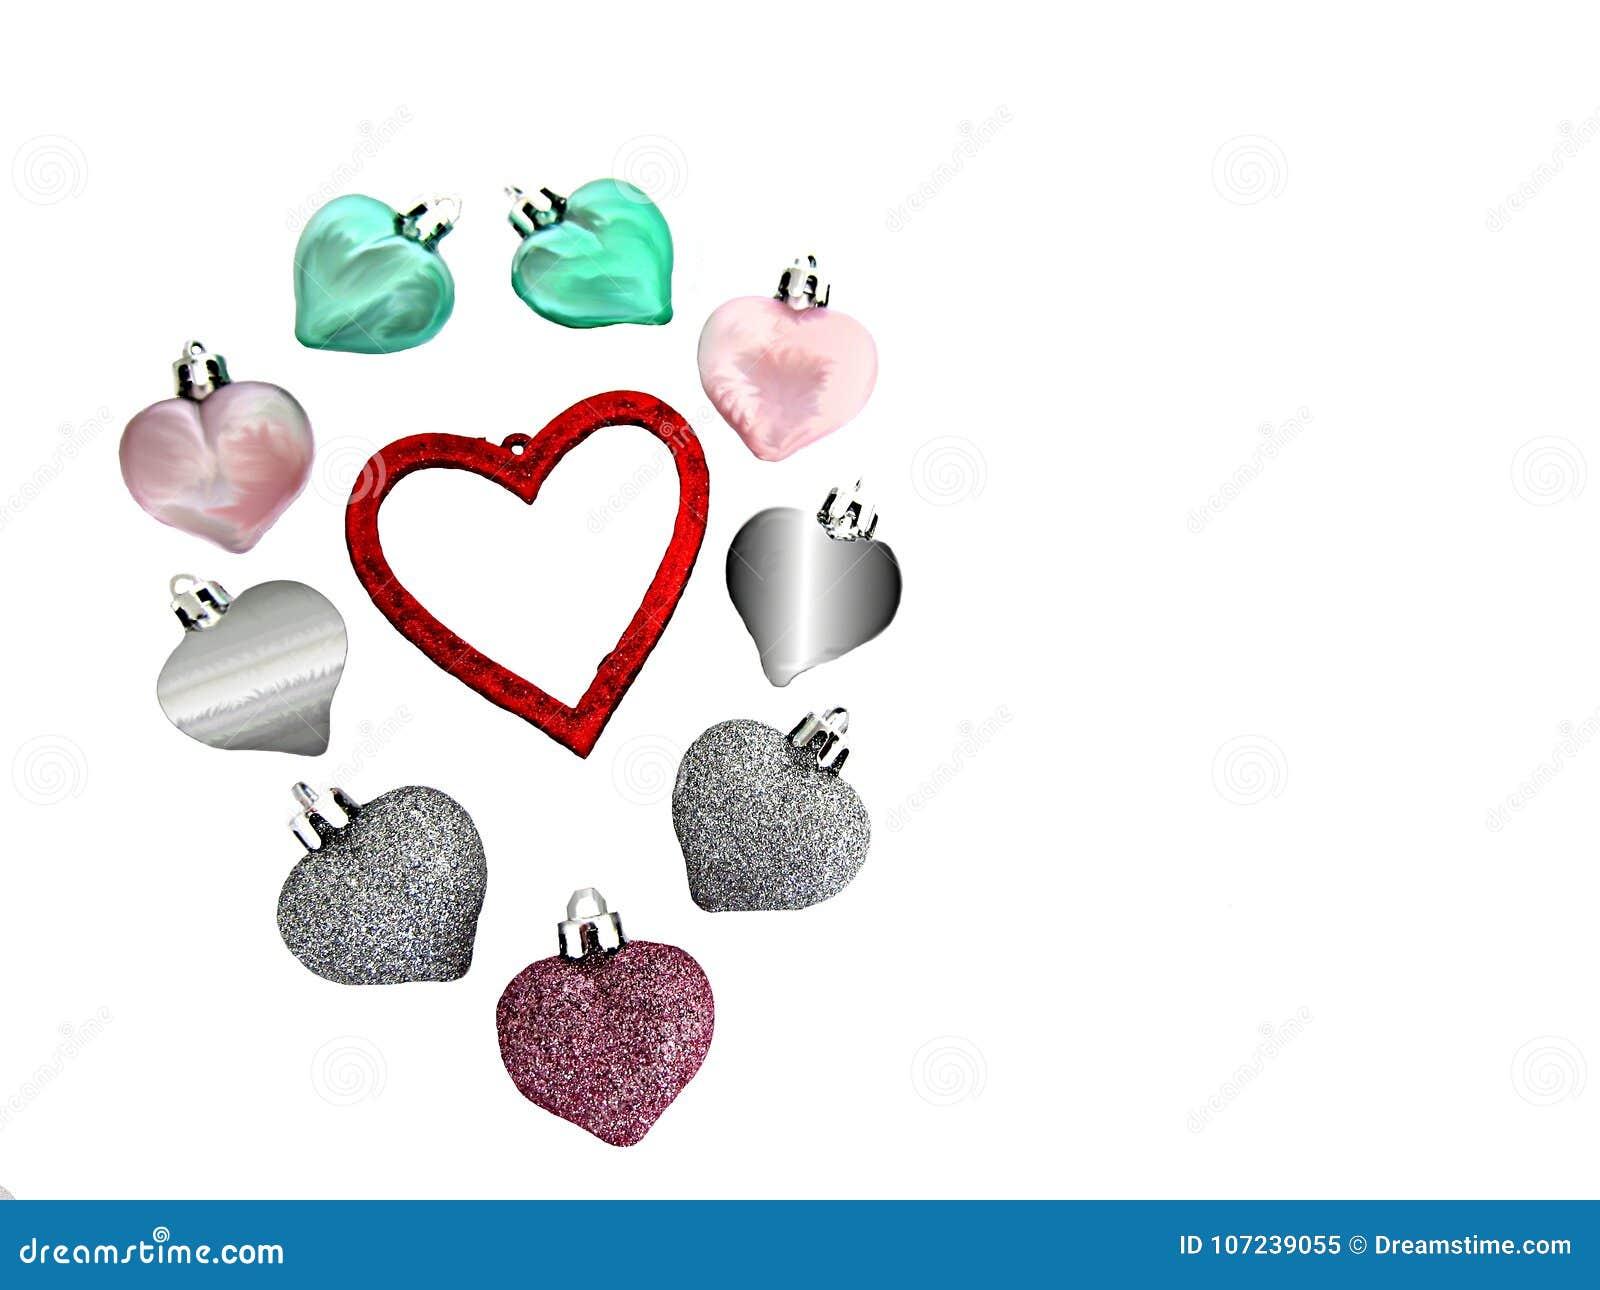 Nueve Corazones Que Rodean Un Corazón Rojo Grande Para Decir Te Amo